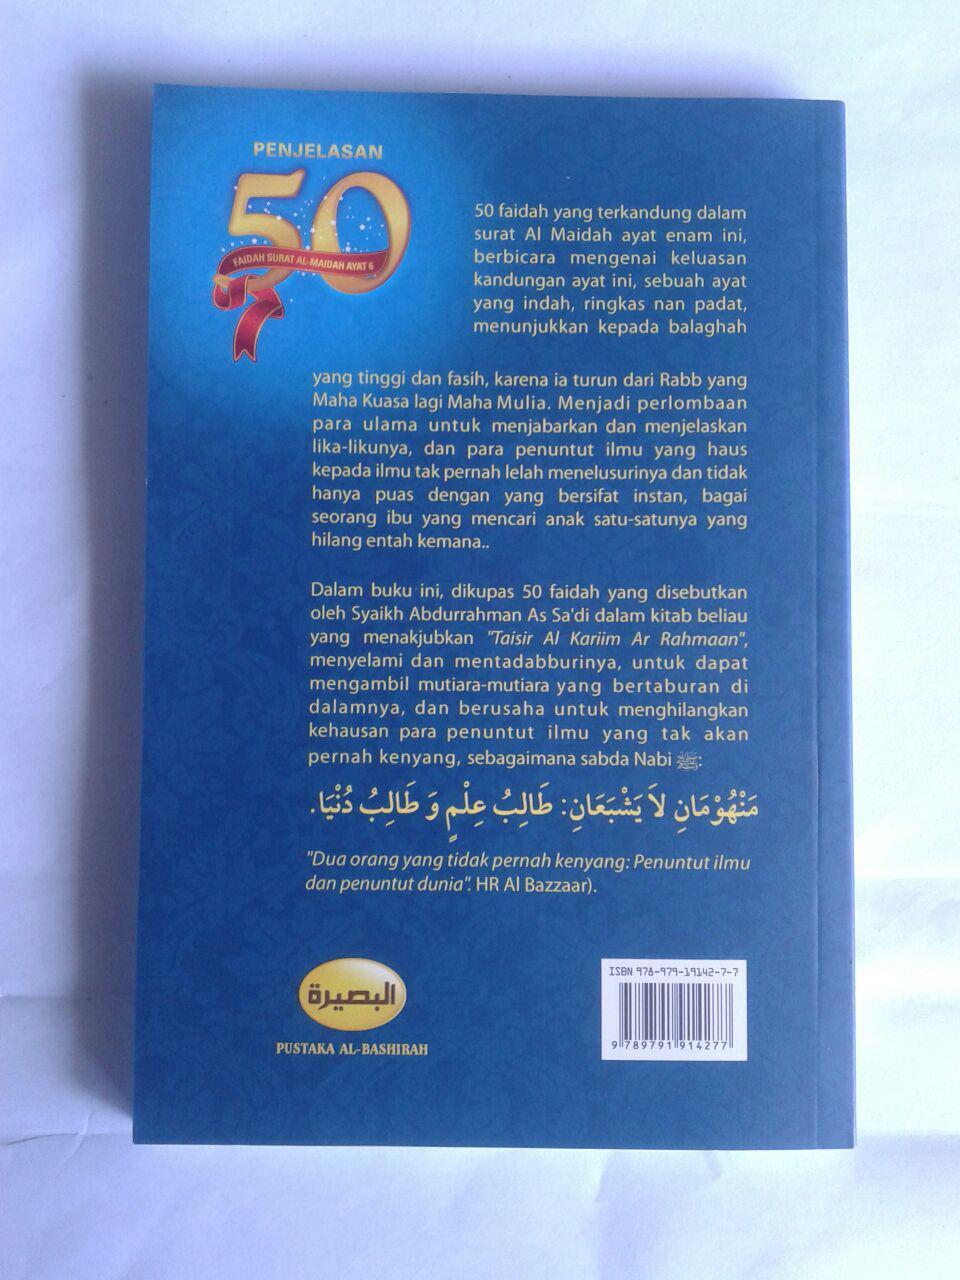 Buku Penjelasan 50 Faidah Surat Al-Maidah Ayat 6 cover